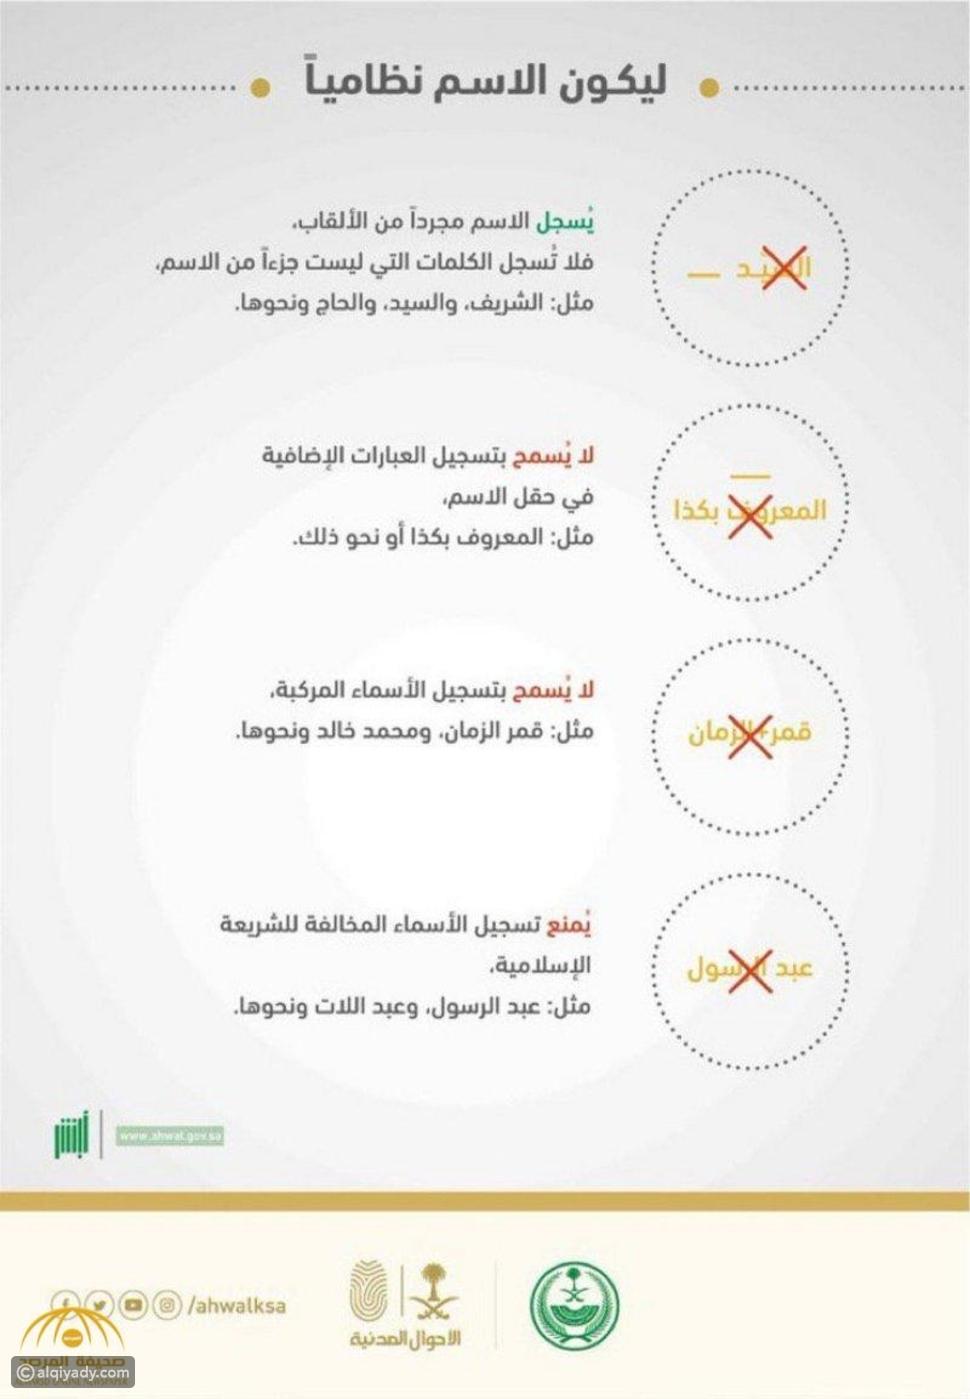 قائمة الأسماء الممنوعة في السعودية لعام 1441: تعرفوا عليها